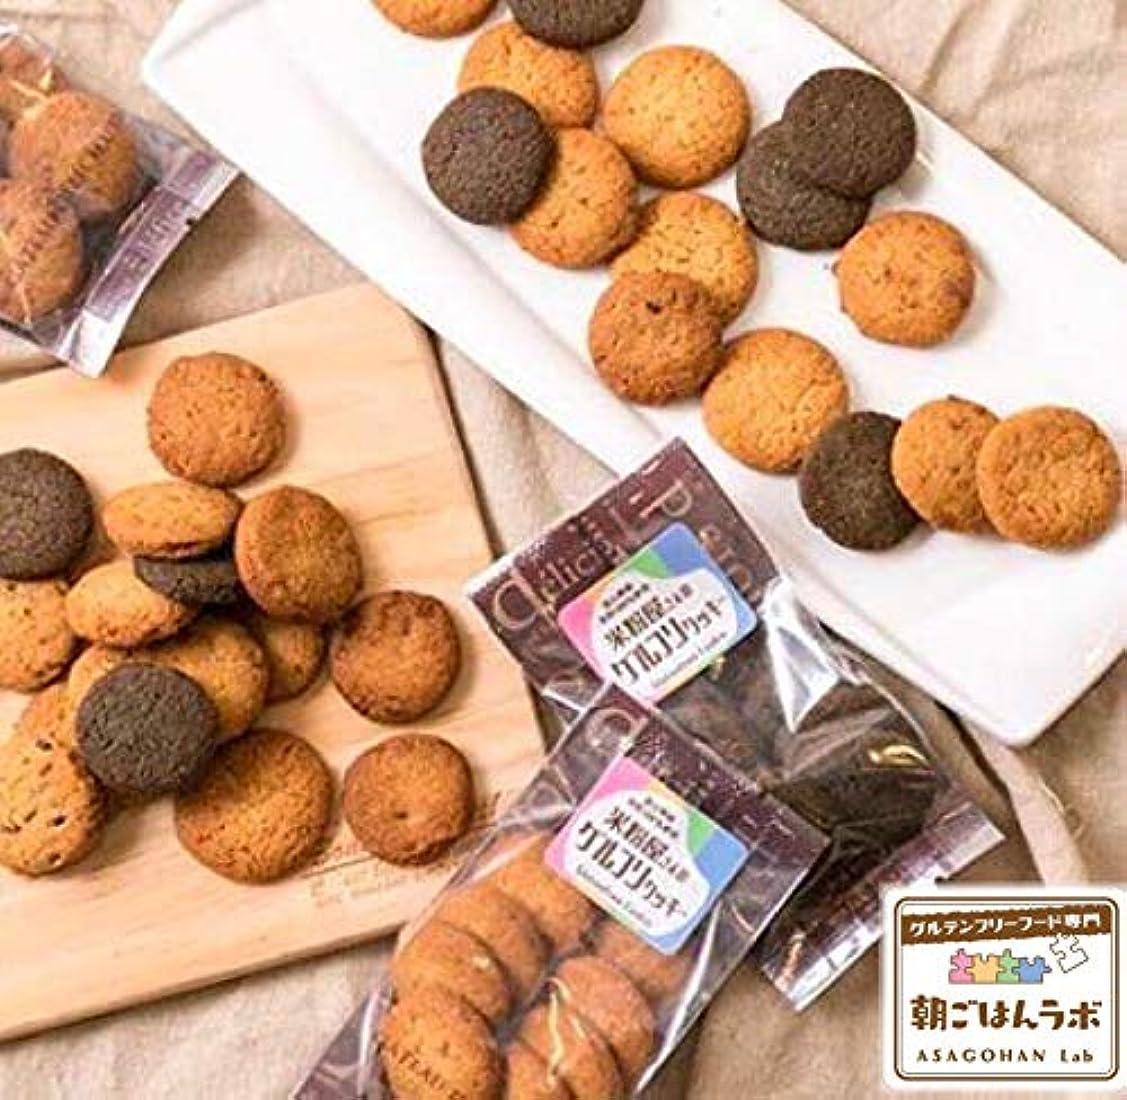 種理由奨学金米粉屋さんのグルフリクッキー  (小袋 8袋) グルテンフリー 朝ごはんラボ